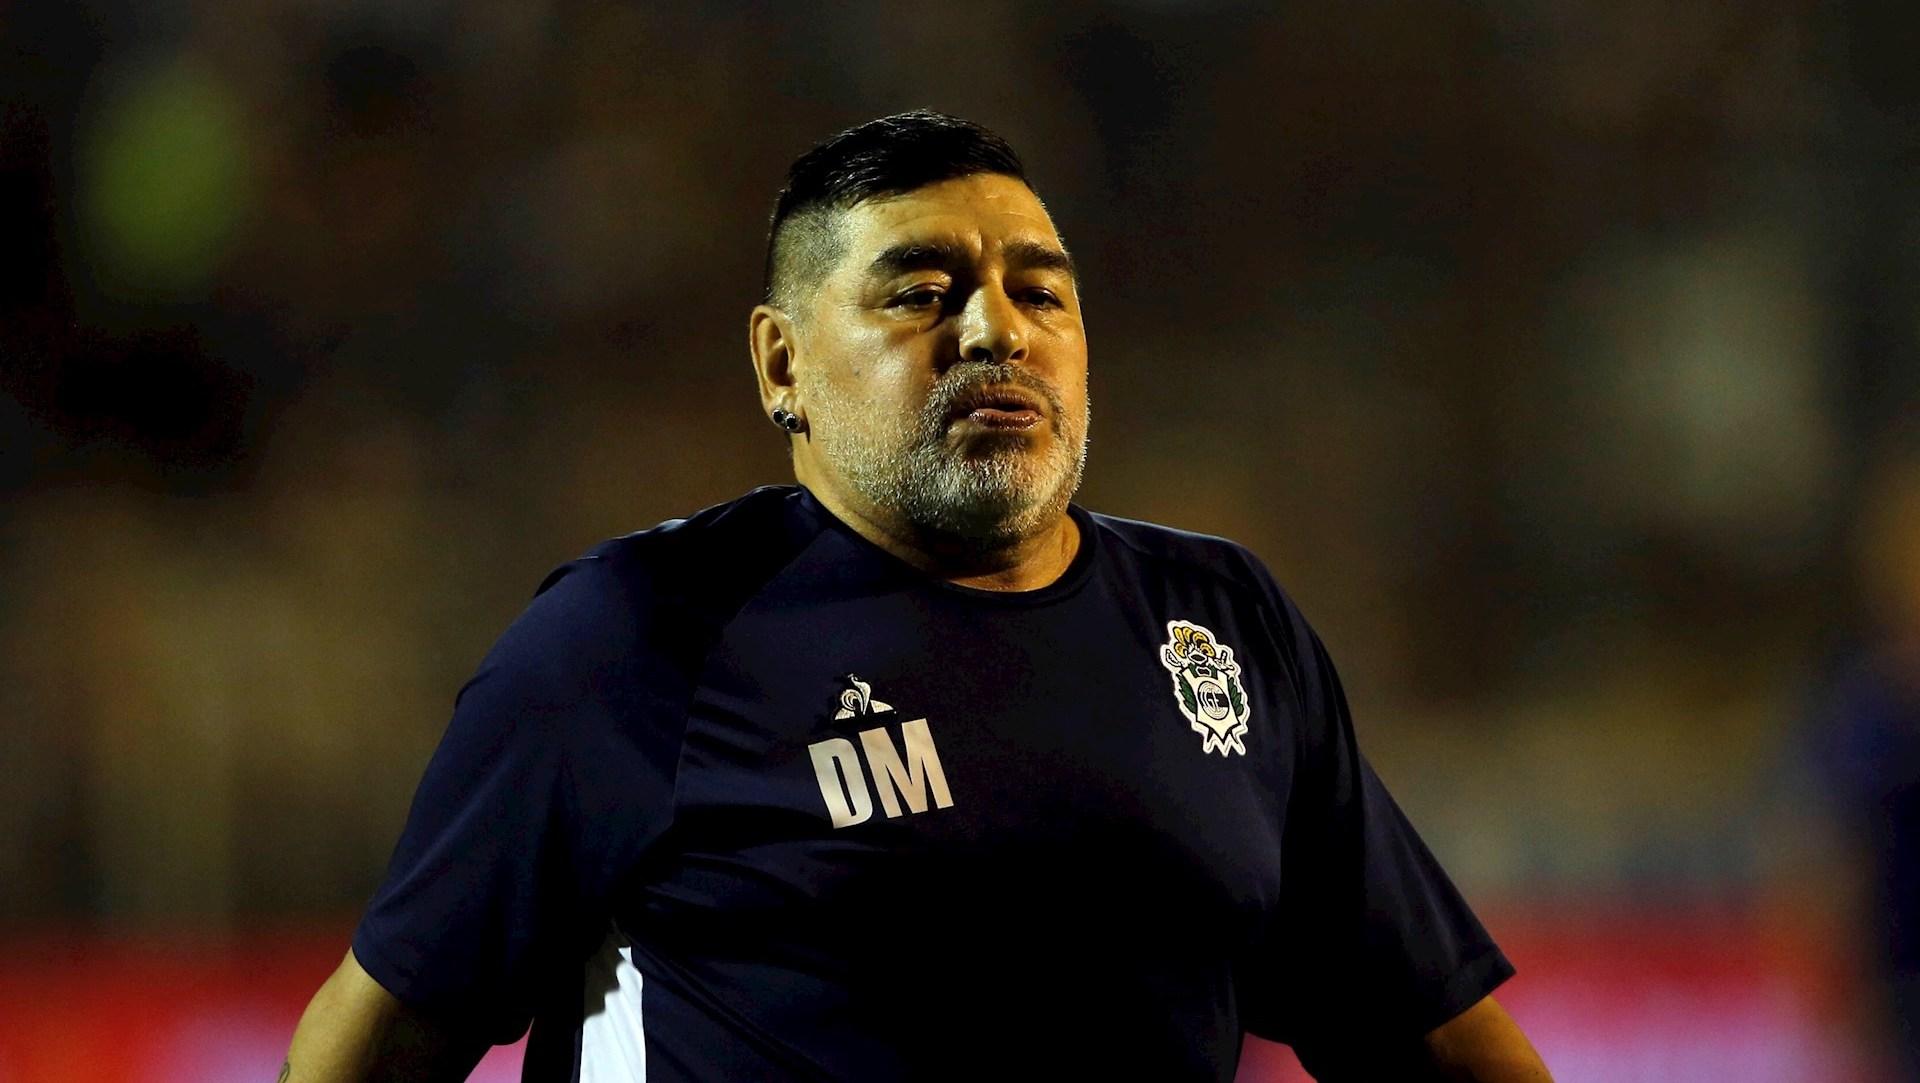 El entrenador de Gimnasia y Esgrima La Plata, Diego Maradona. Foto de EFE/Demian Alday Estévez/Archivo.